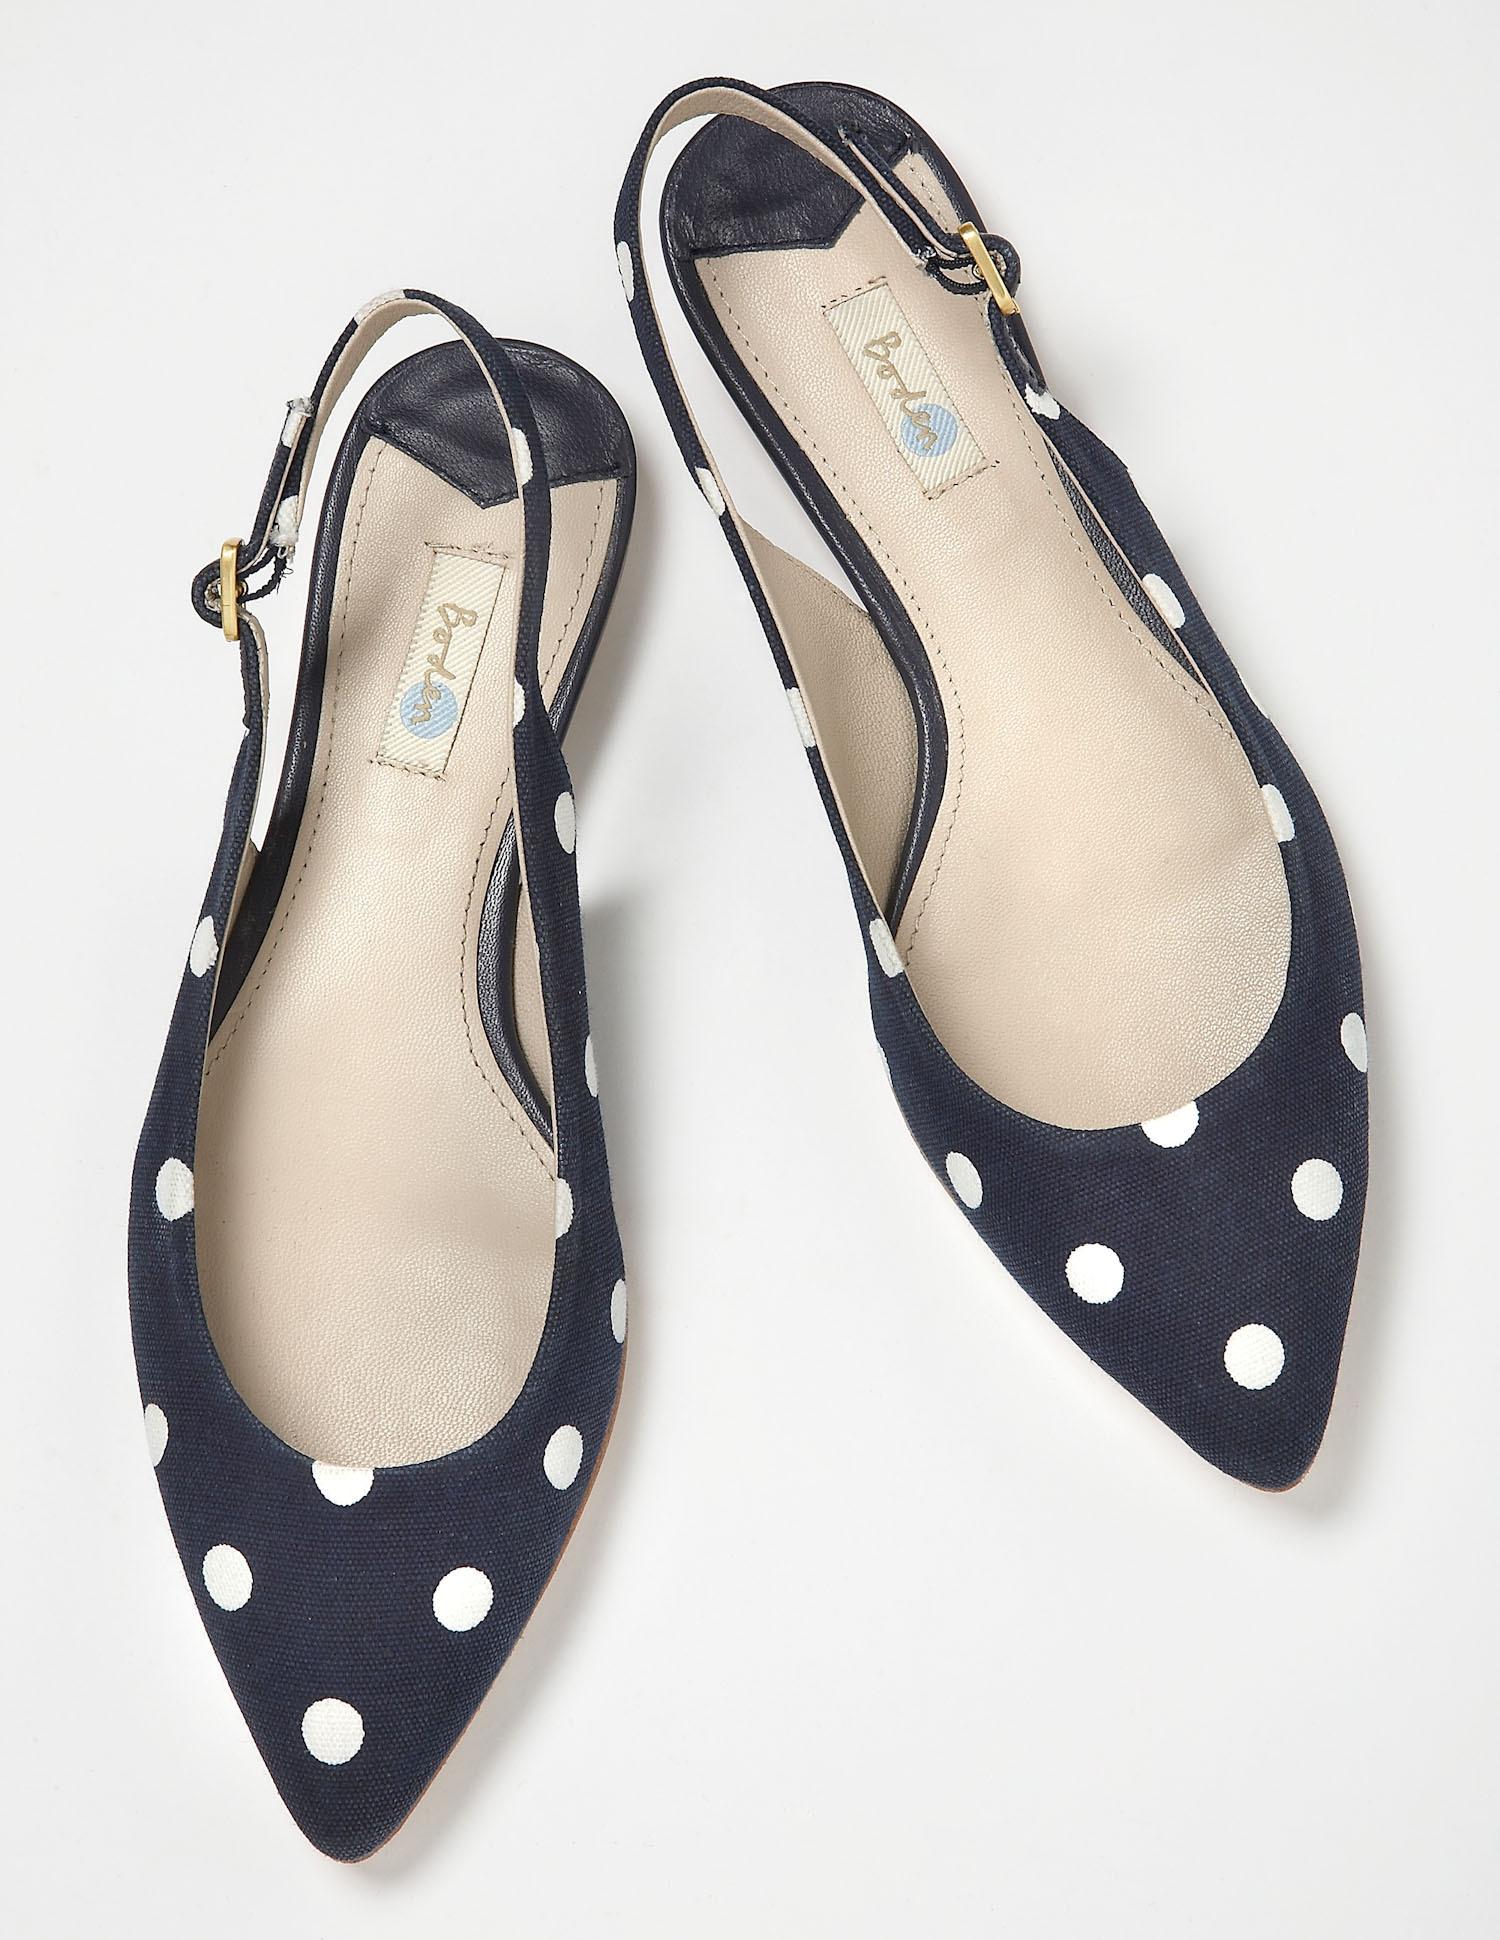 والاحذية Boden 2014 367985.jpg